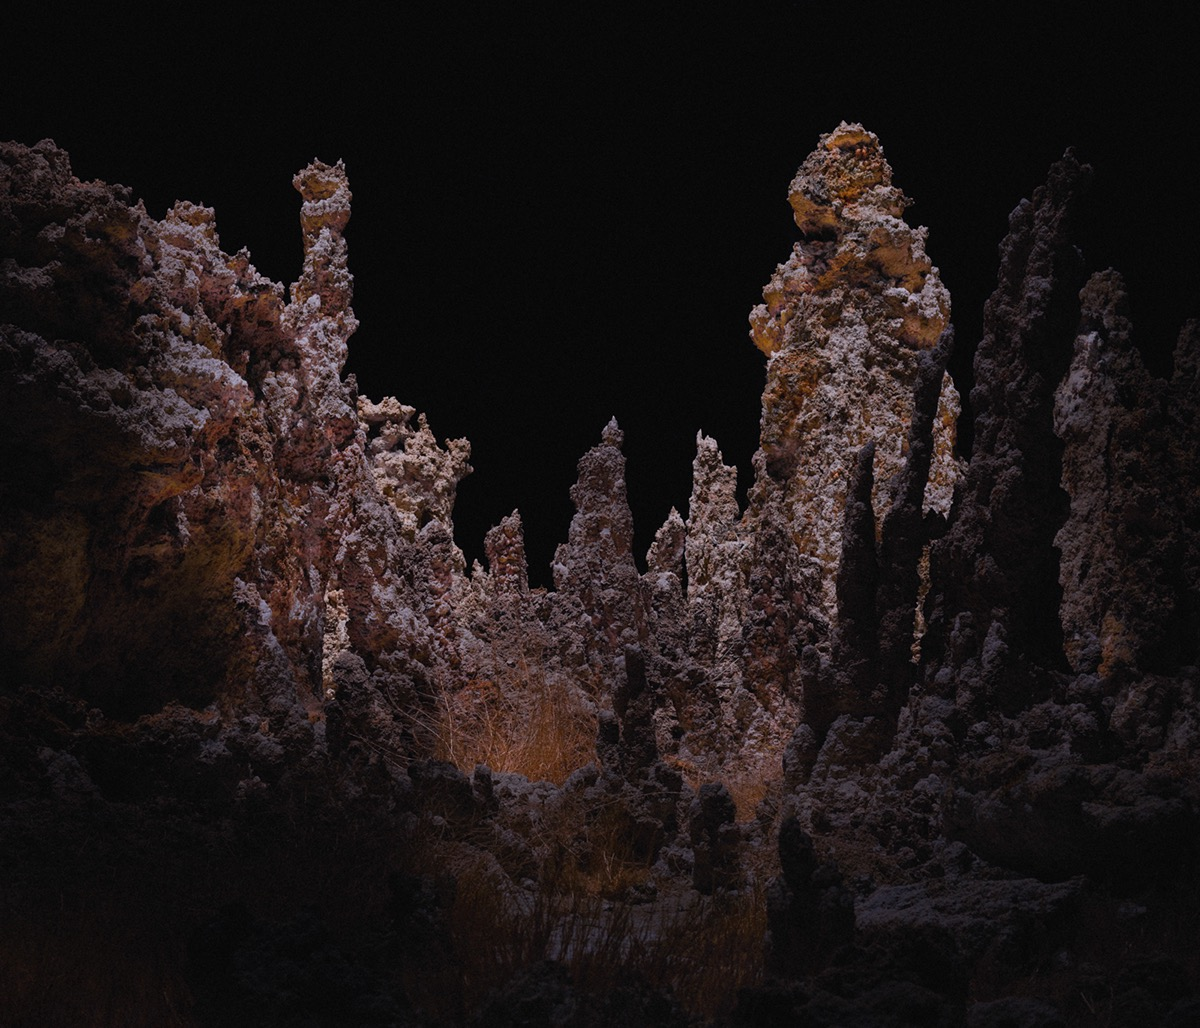 Lux Noctis © Reuben Wu